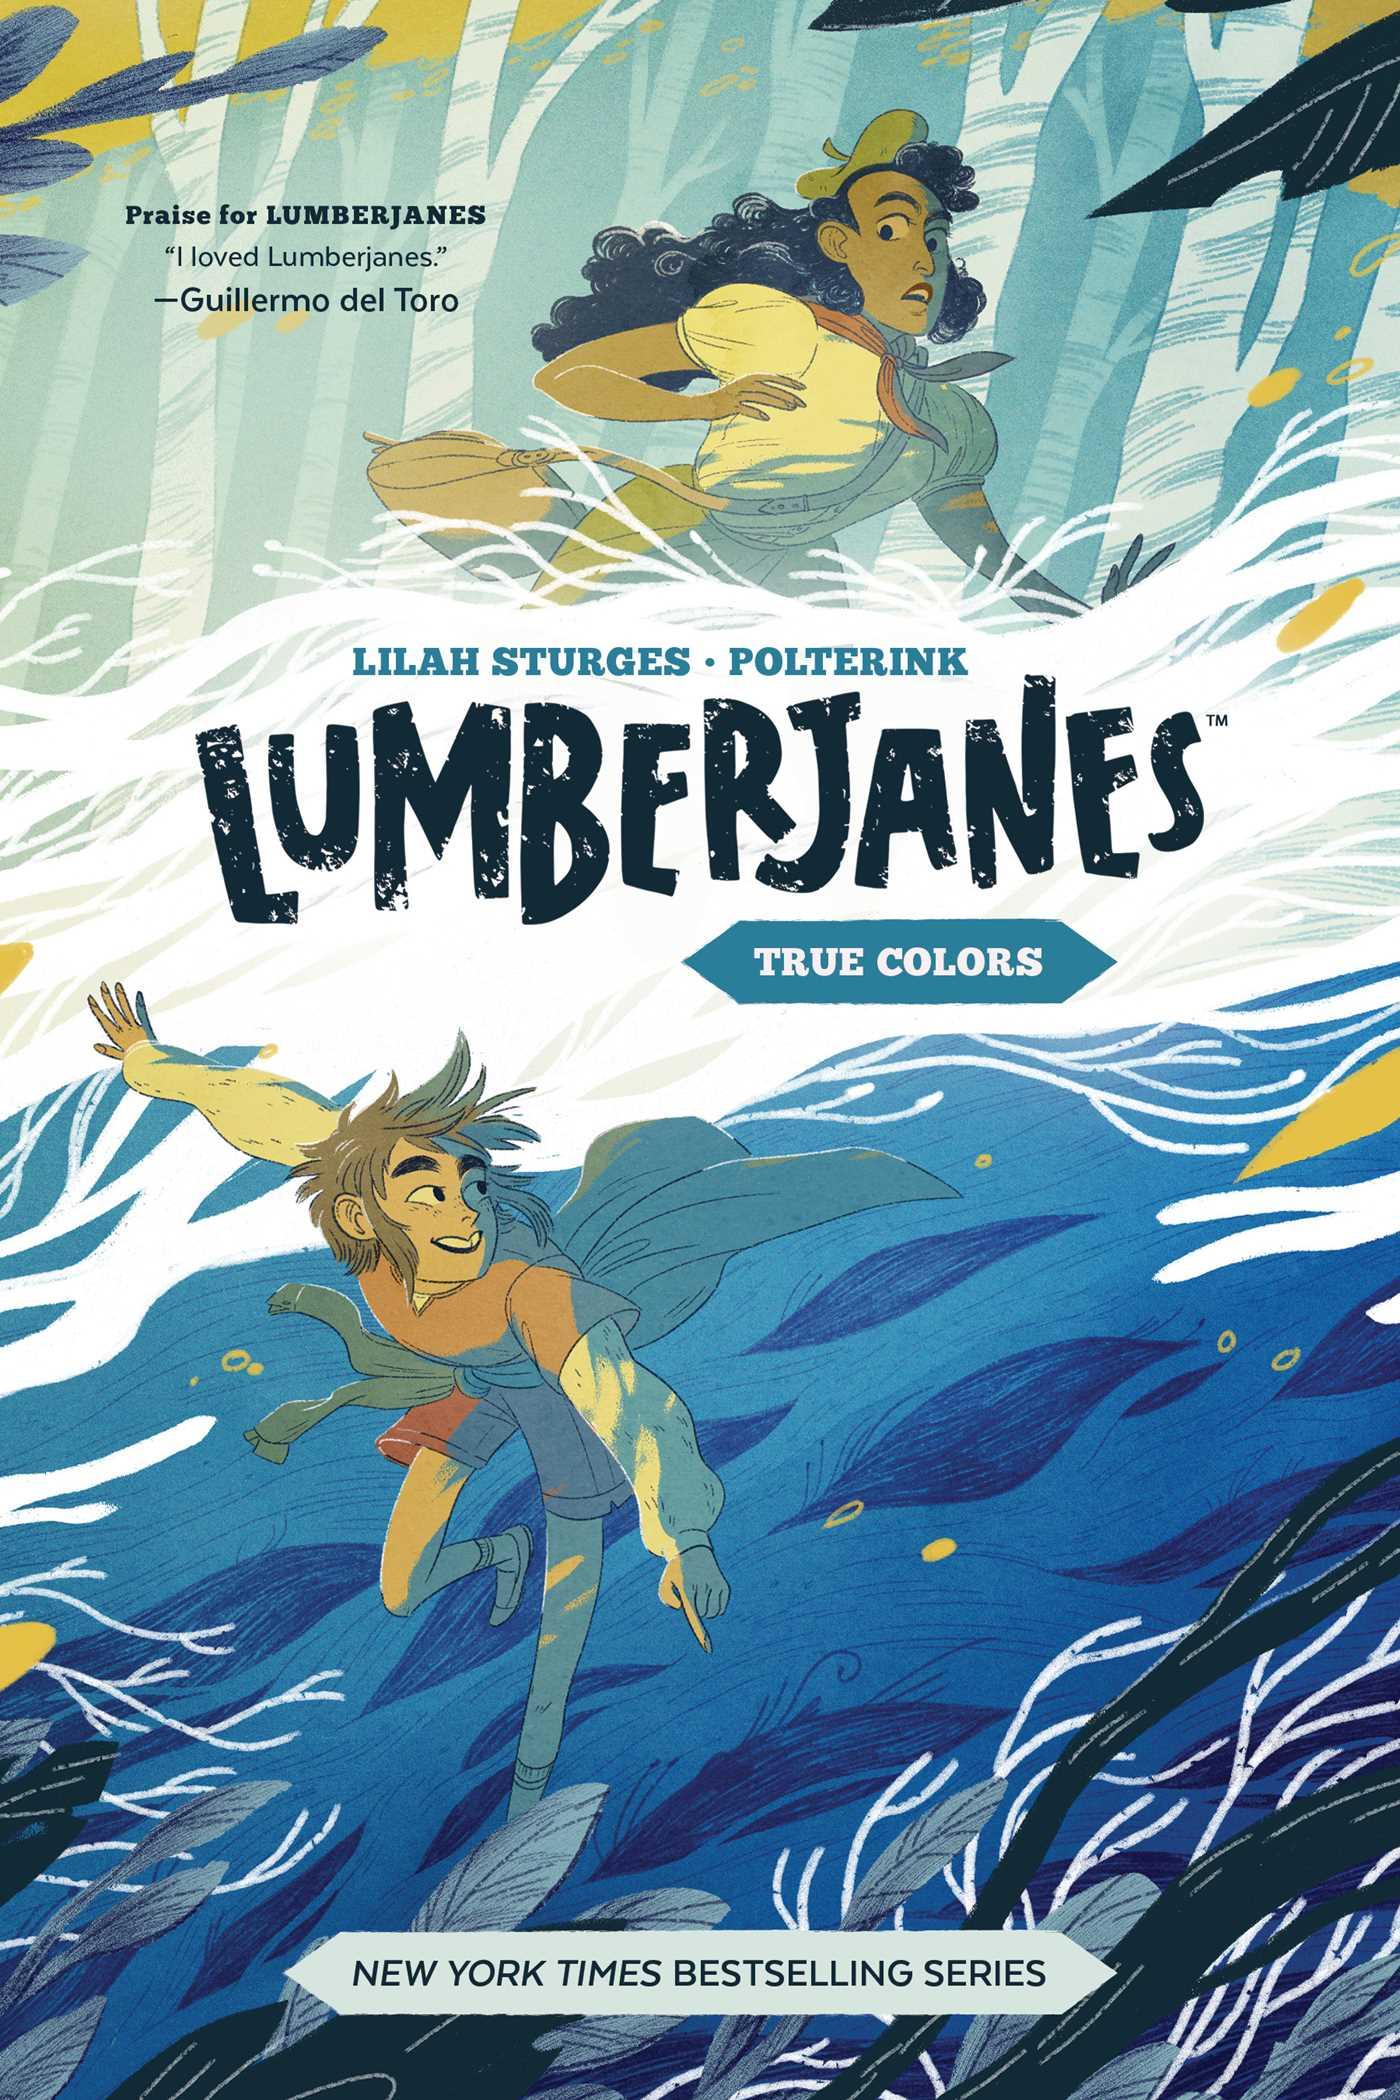 Lumberjanes: True Colors by Lilah Sturges